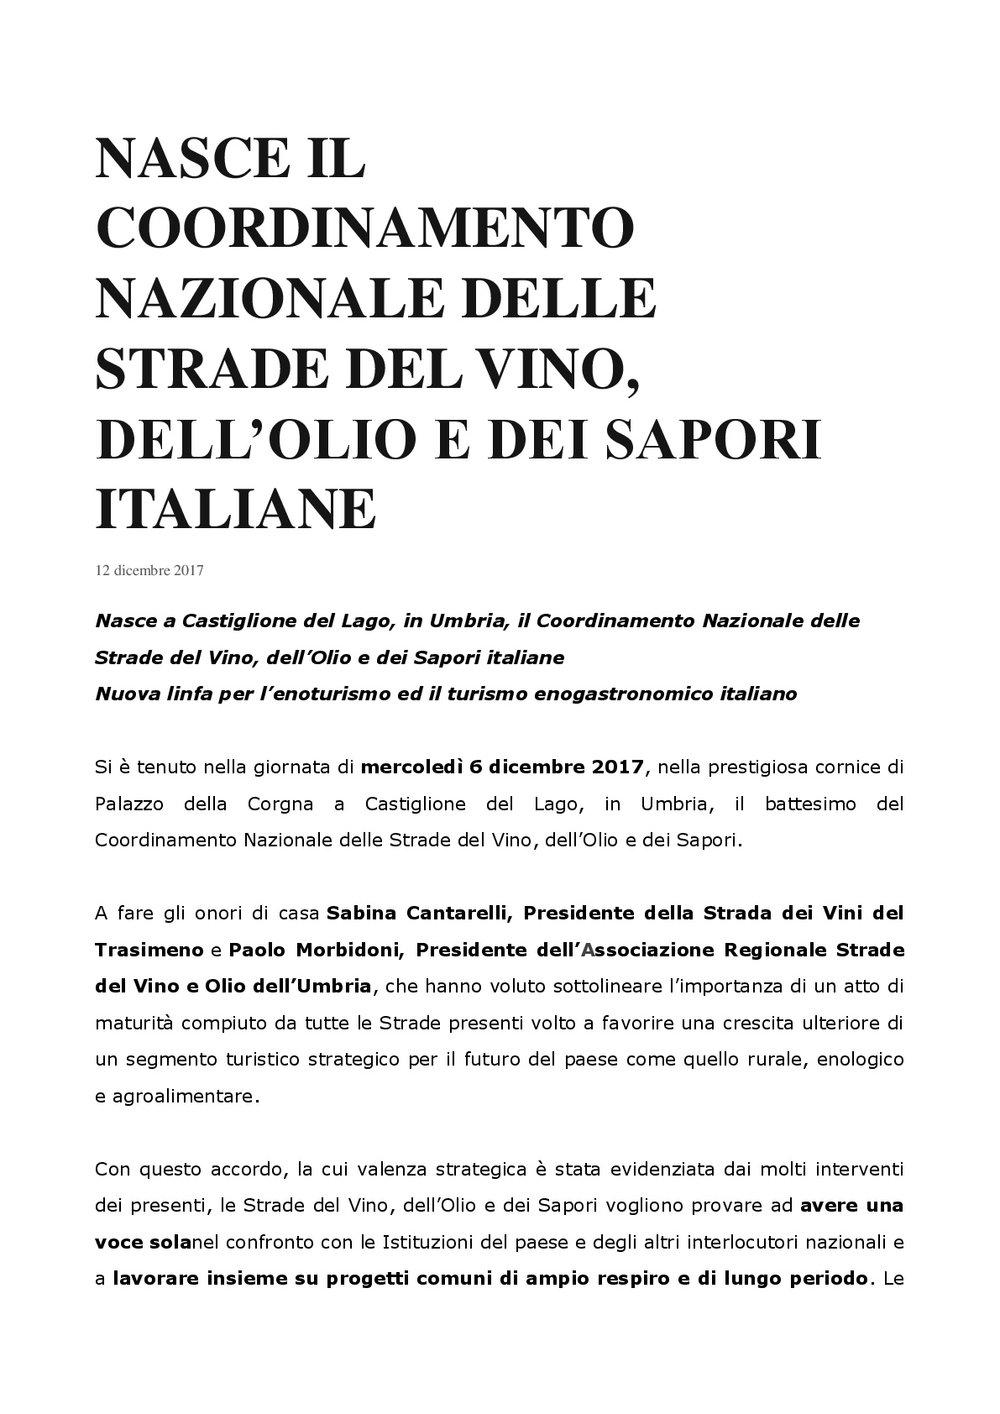 Art.-coord.-da-SDV-del-Trentino-12.12.2017-001.jpg